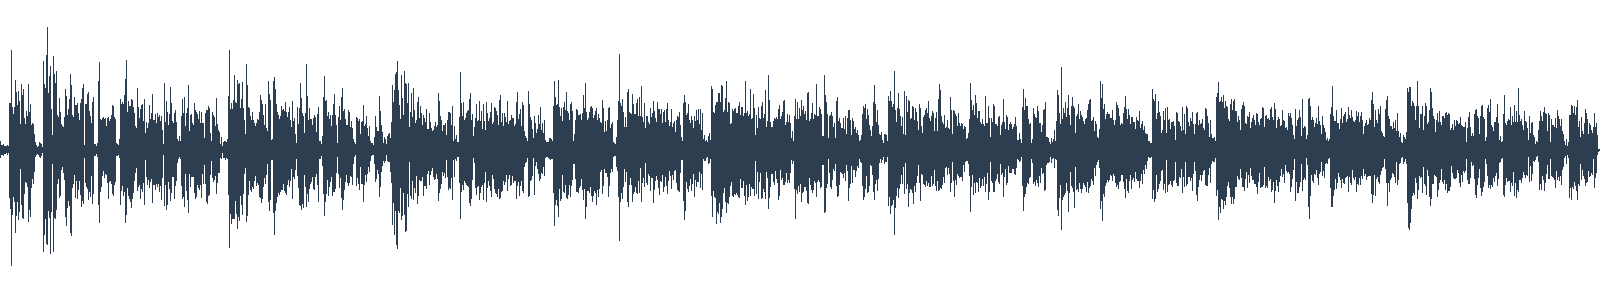 Kompletní Sherlock, Les mytág, Hodiny z olova a další nové audioknihy 43/2019 waveform